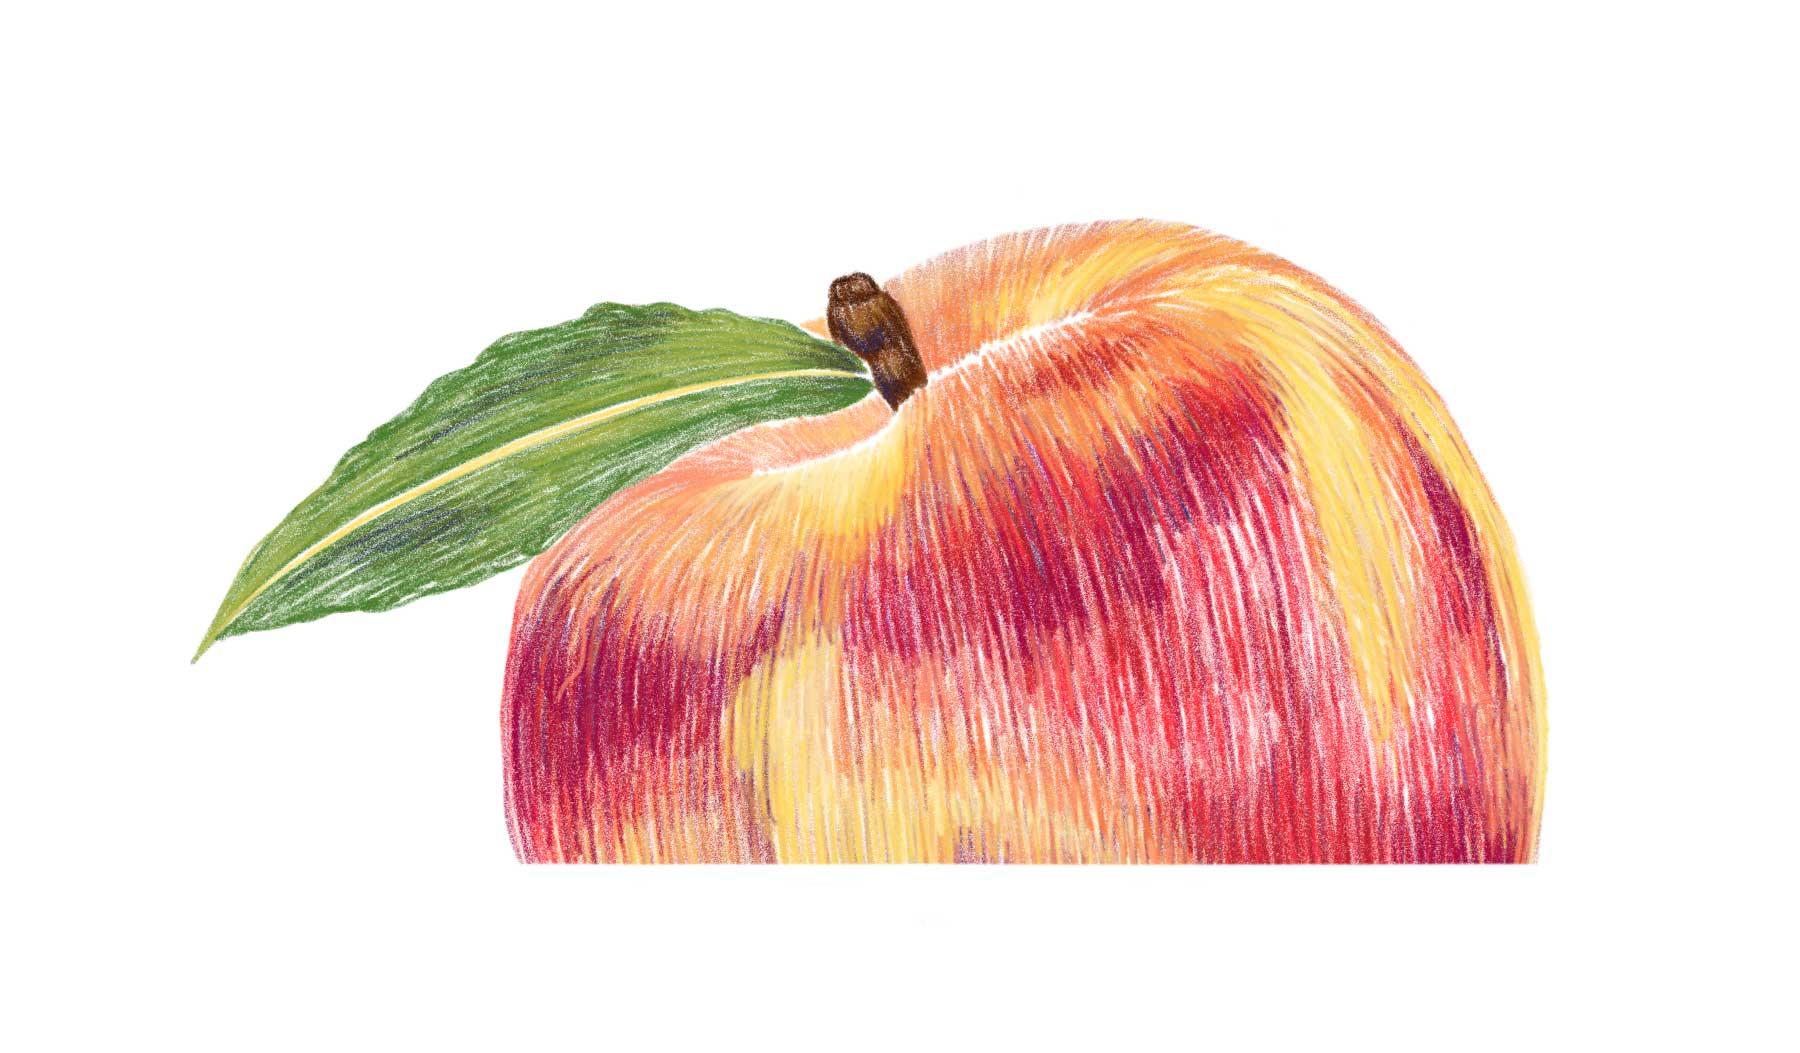 Peach_SS.jpg